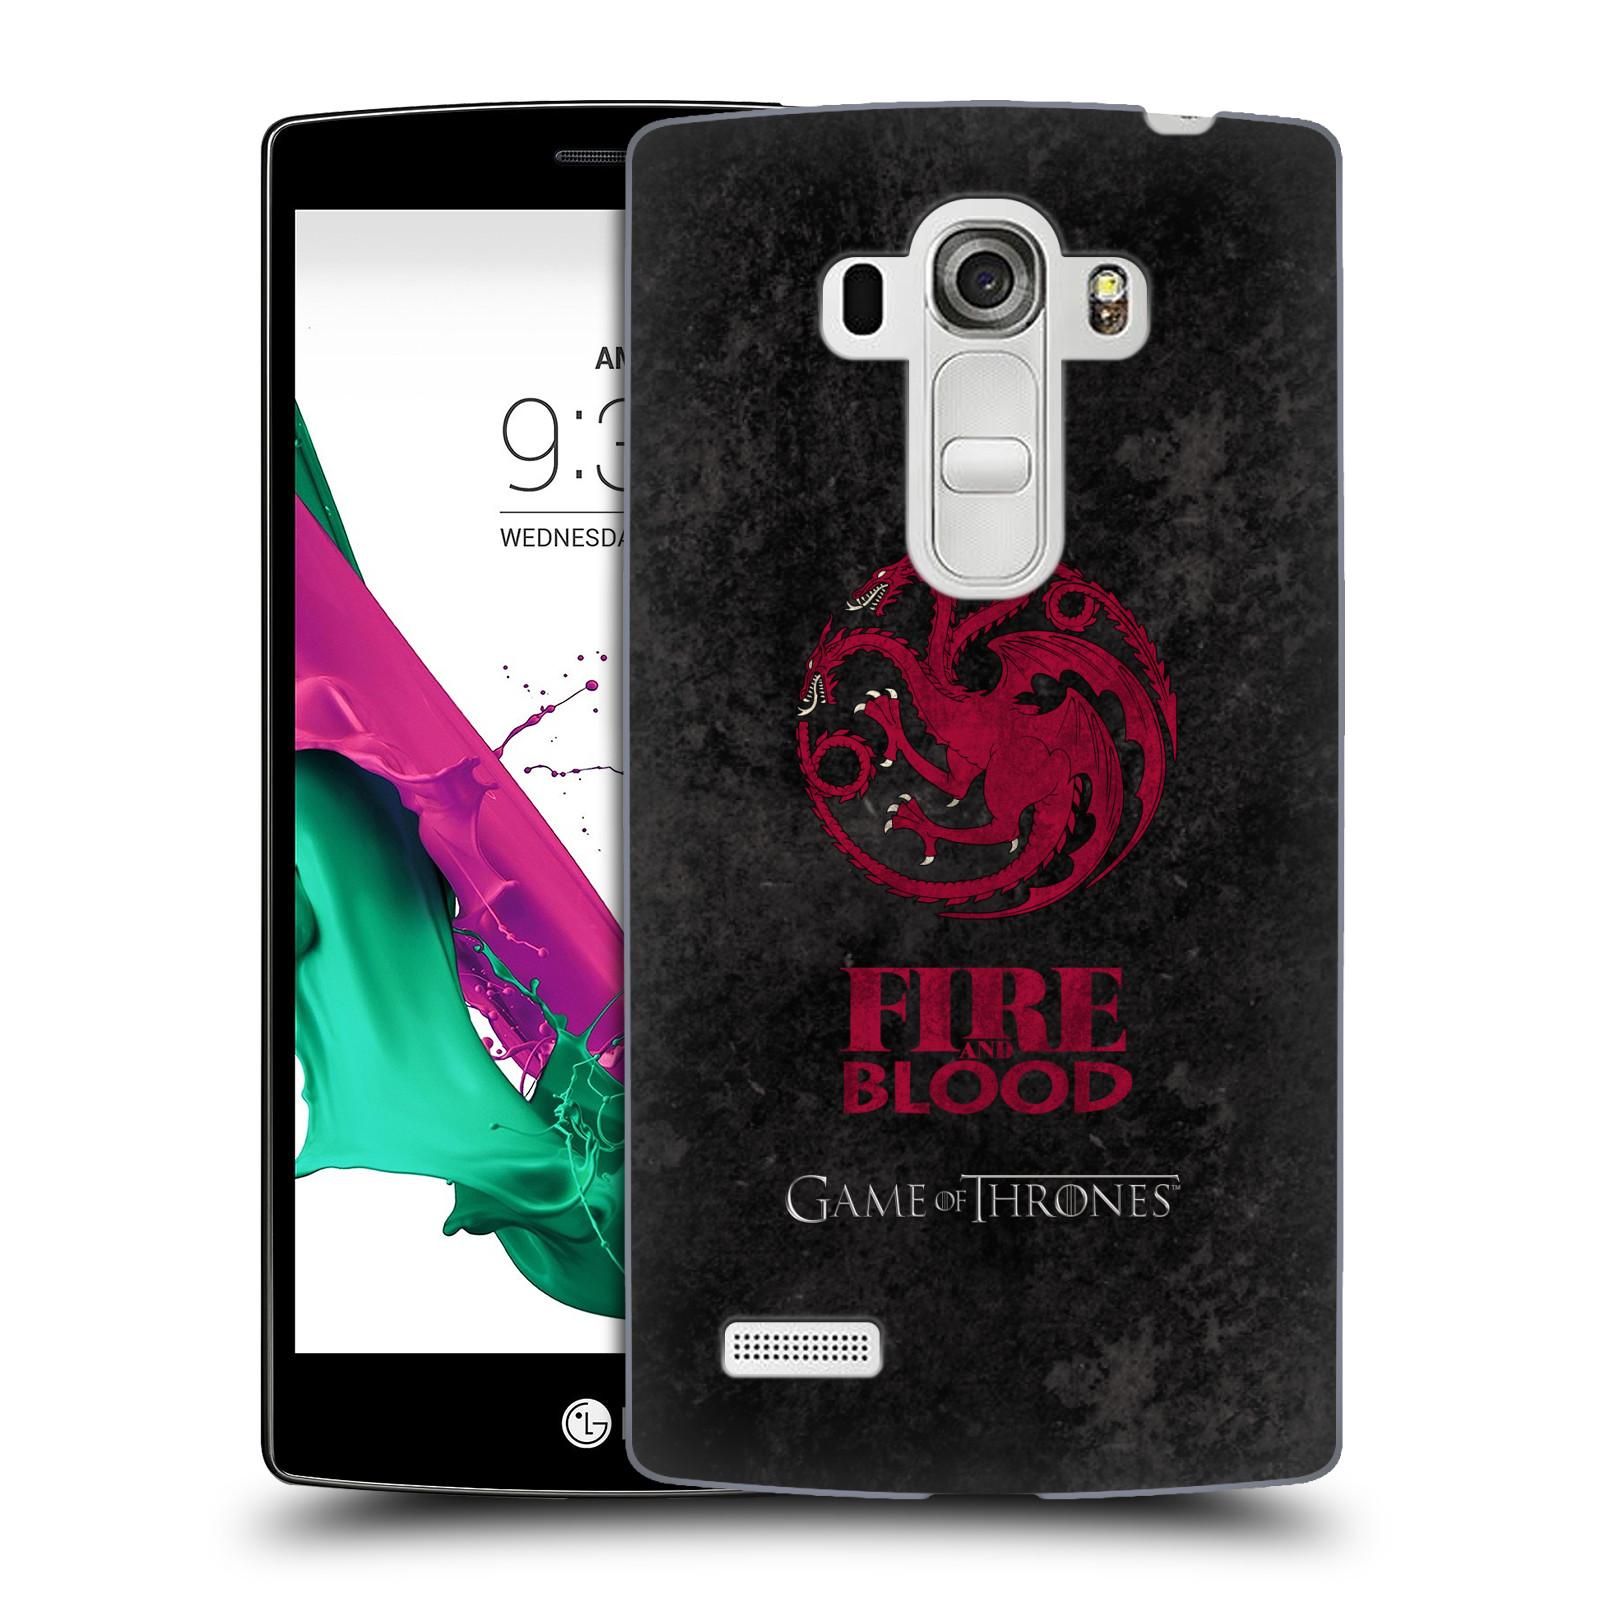 Plastové pouzdro na mobil LG G4s HEAD CASE Hra o trůny - Sigils Targaryen - Fire and Blood (Plastový kryt či obal na mobilní telefon s licencovaným motivem Hra o trůny - Game Of Thrones pro LG G4s H735n)